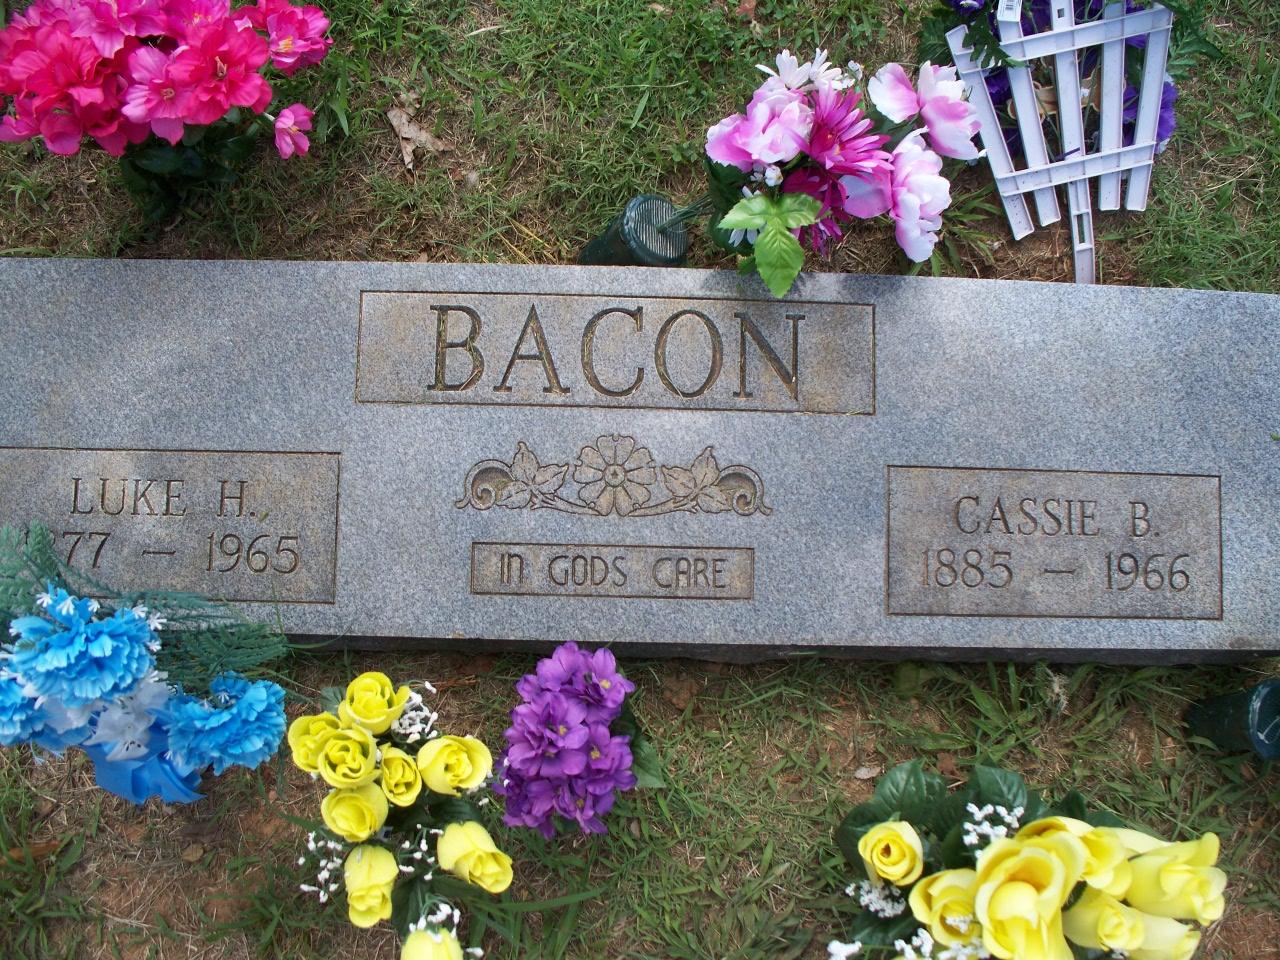 Luke H Bacon